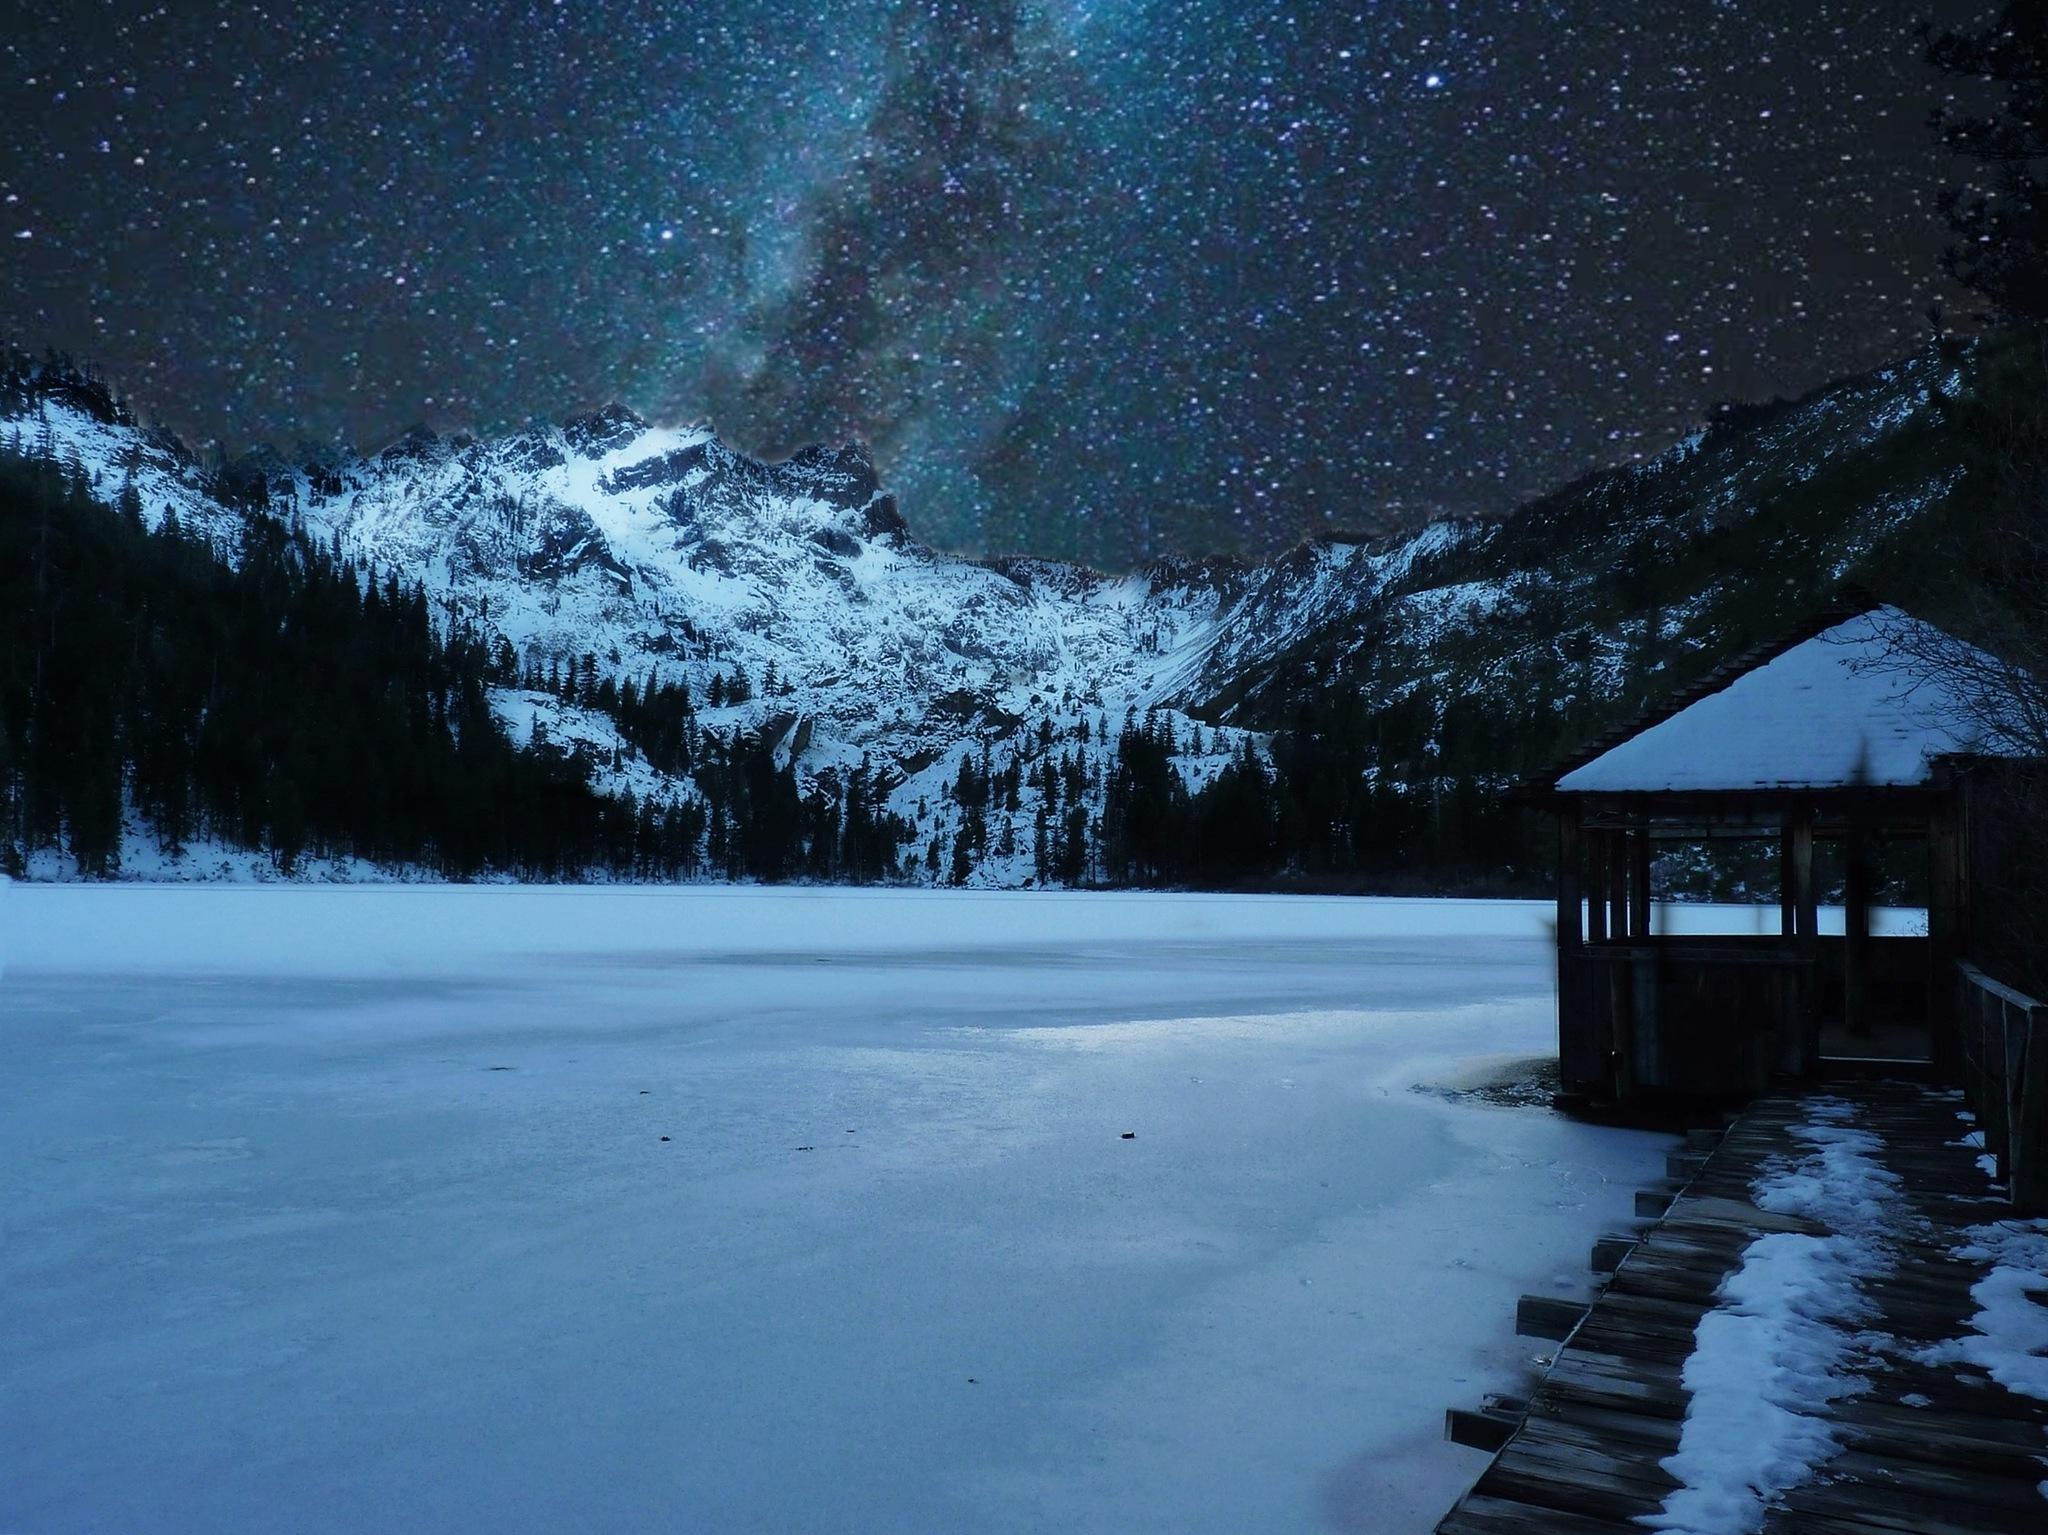 Frozen Sierra Buttes by Edward Risse